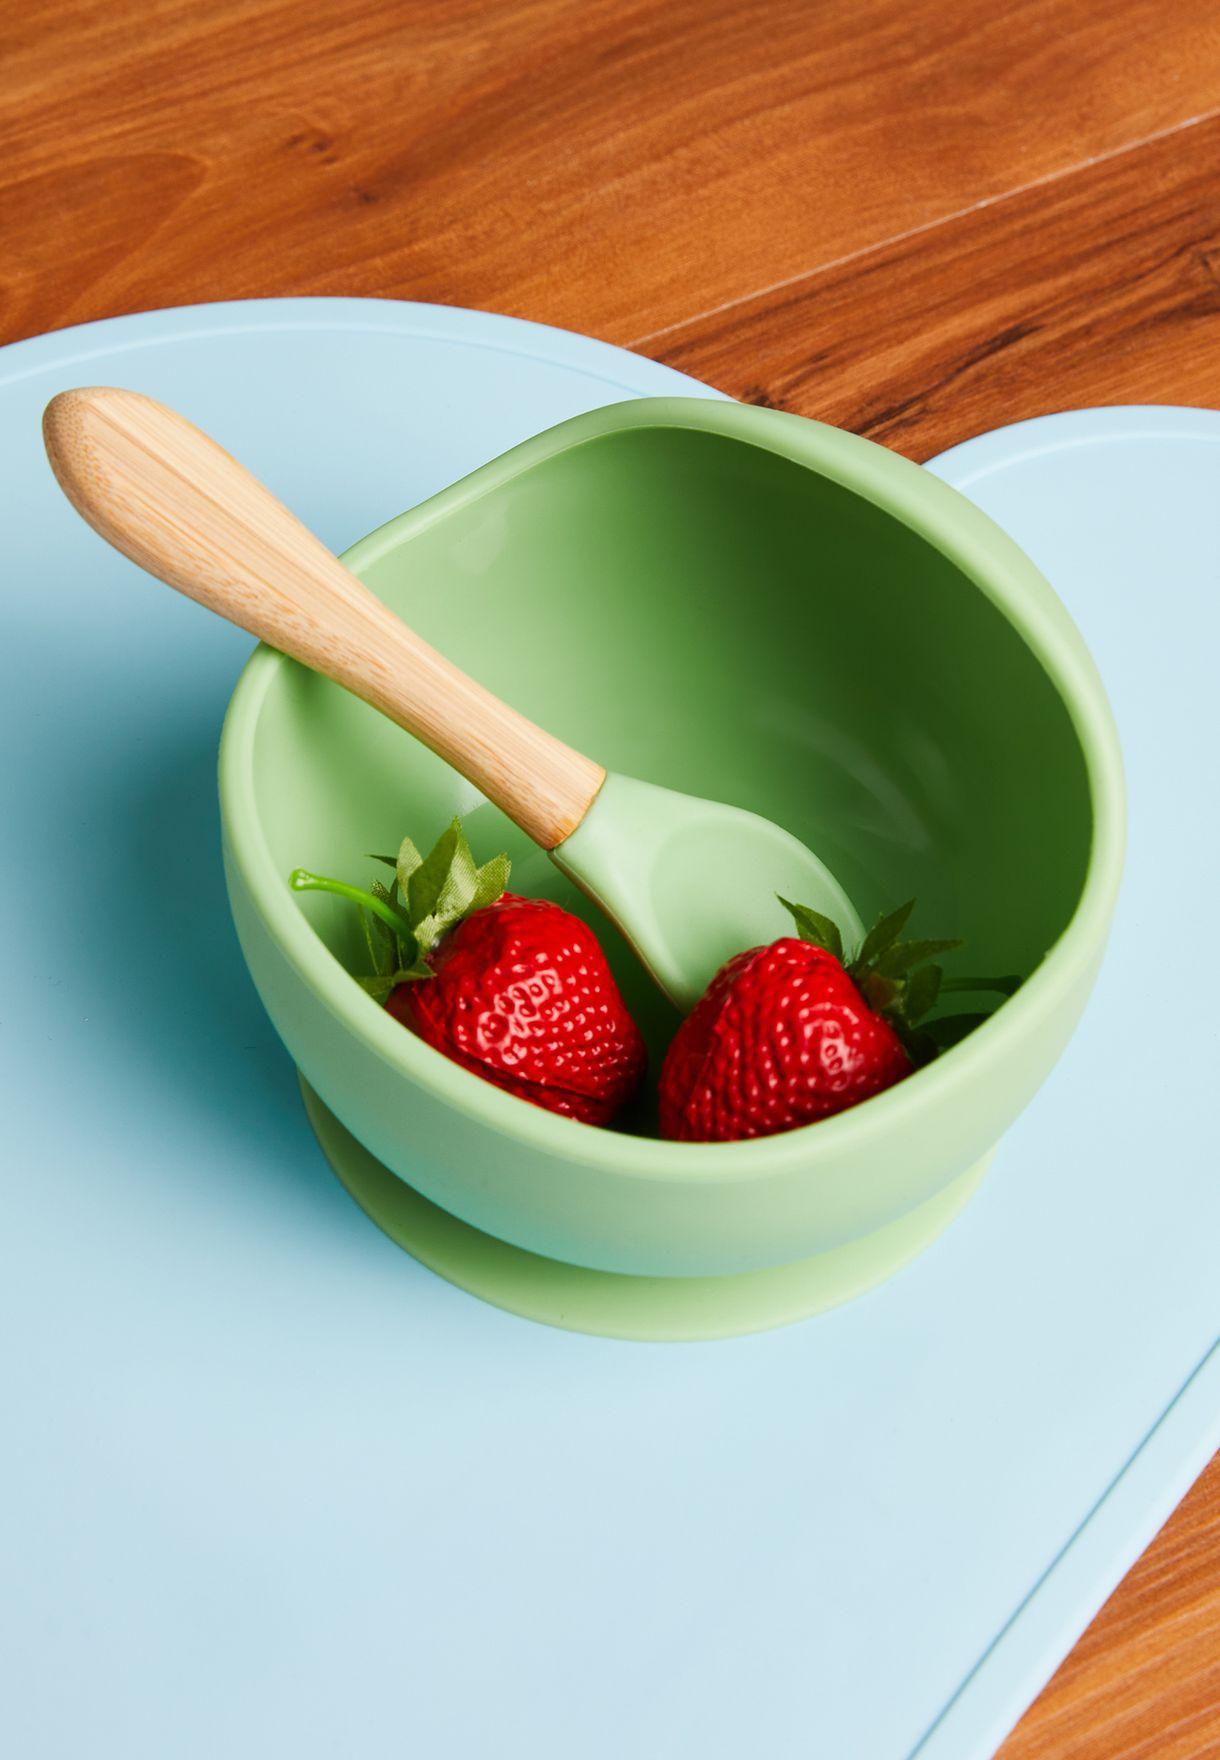 طقم أدوات مائدة من السيليكون (ملعقة  + صحن)